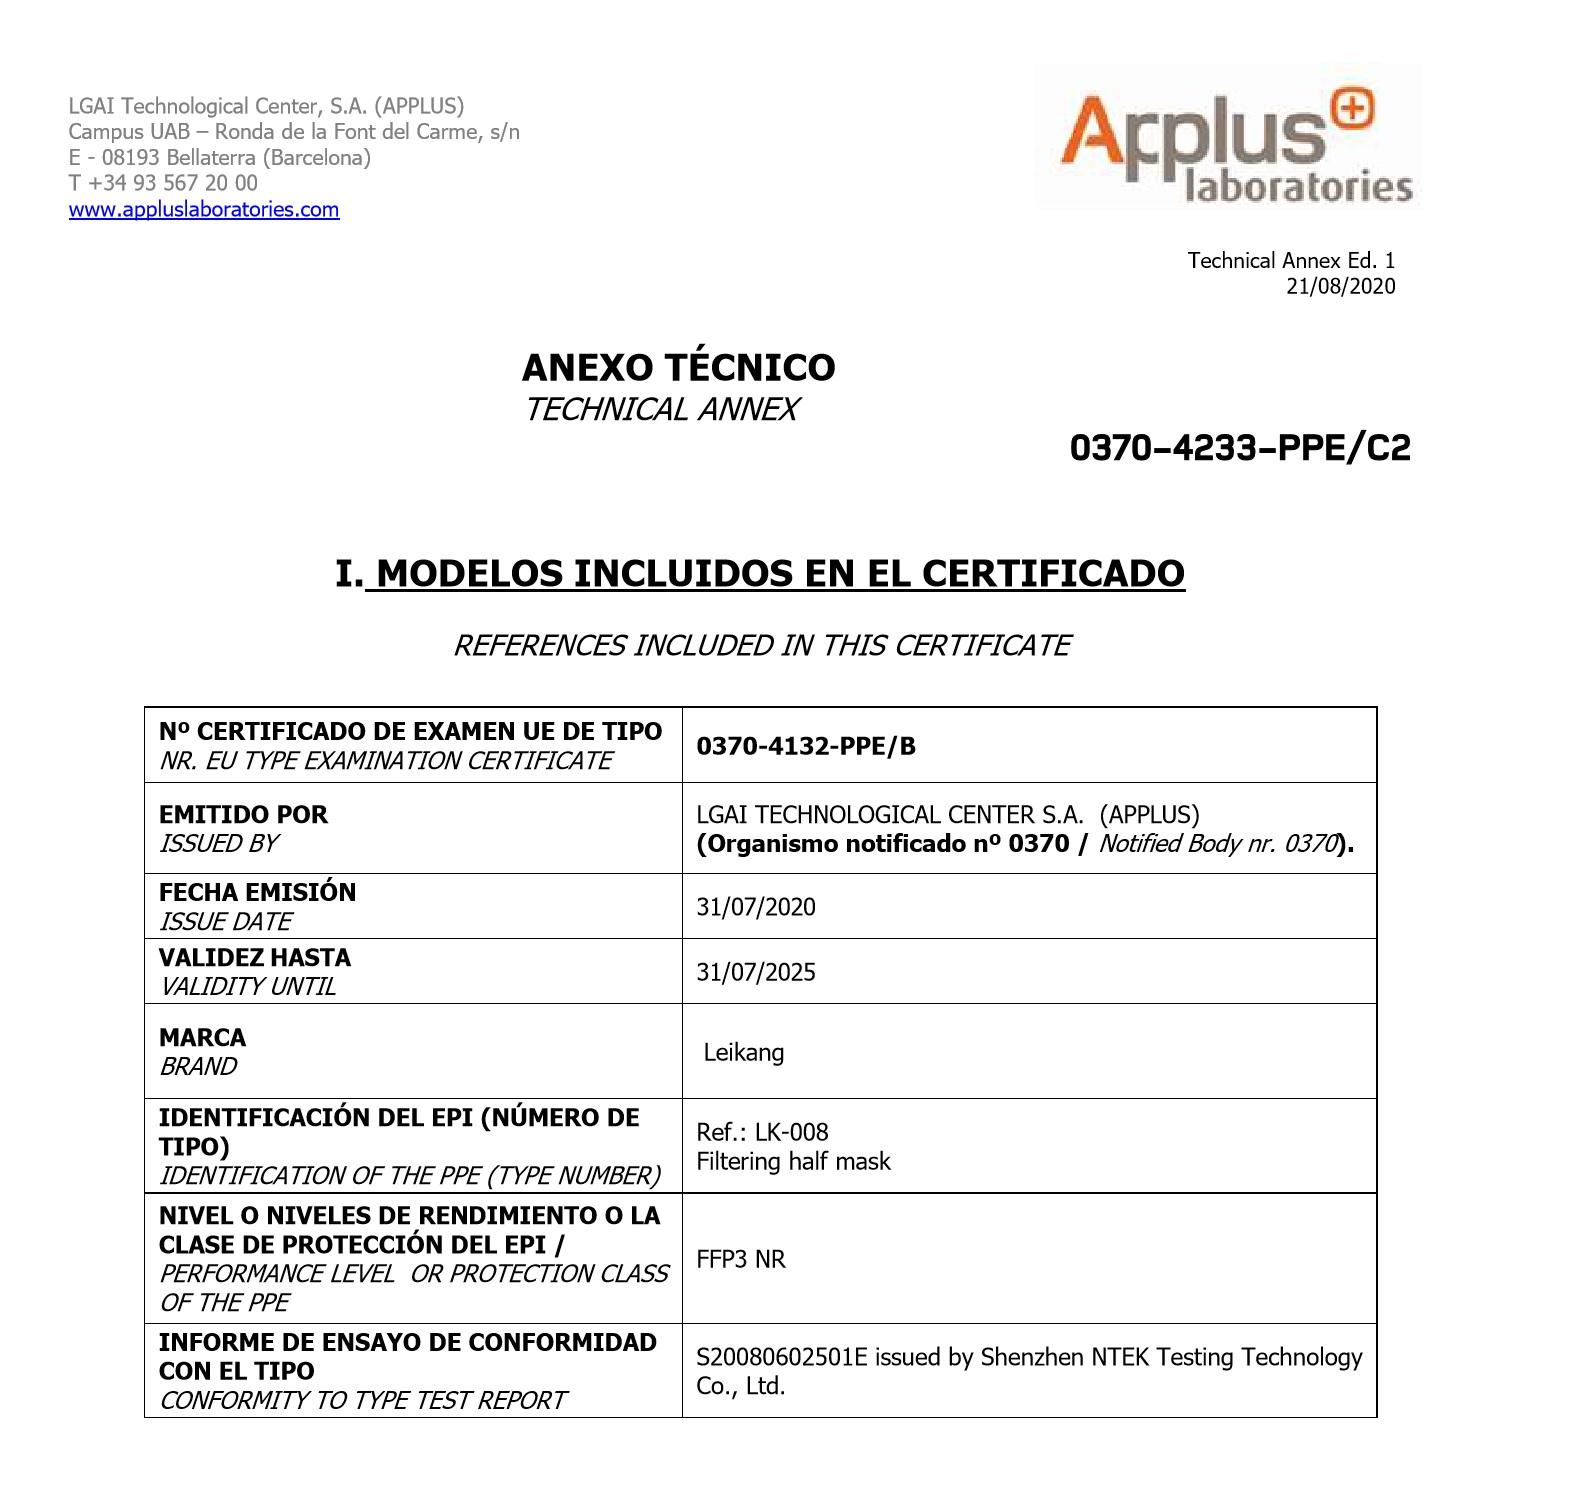 Certificado de MascarillaFFP3 Alta Eficacia de Filtración >99% 5 Capas LEIKANG